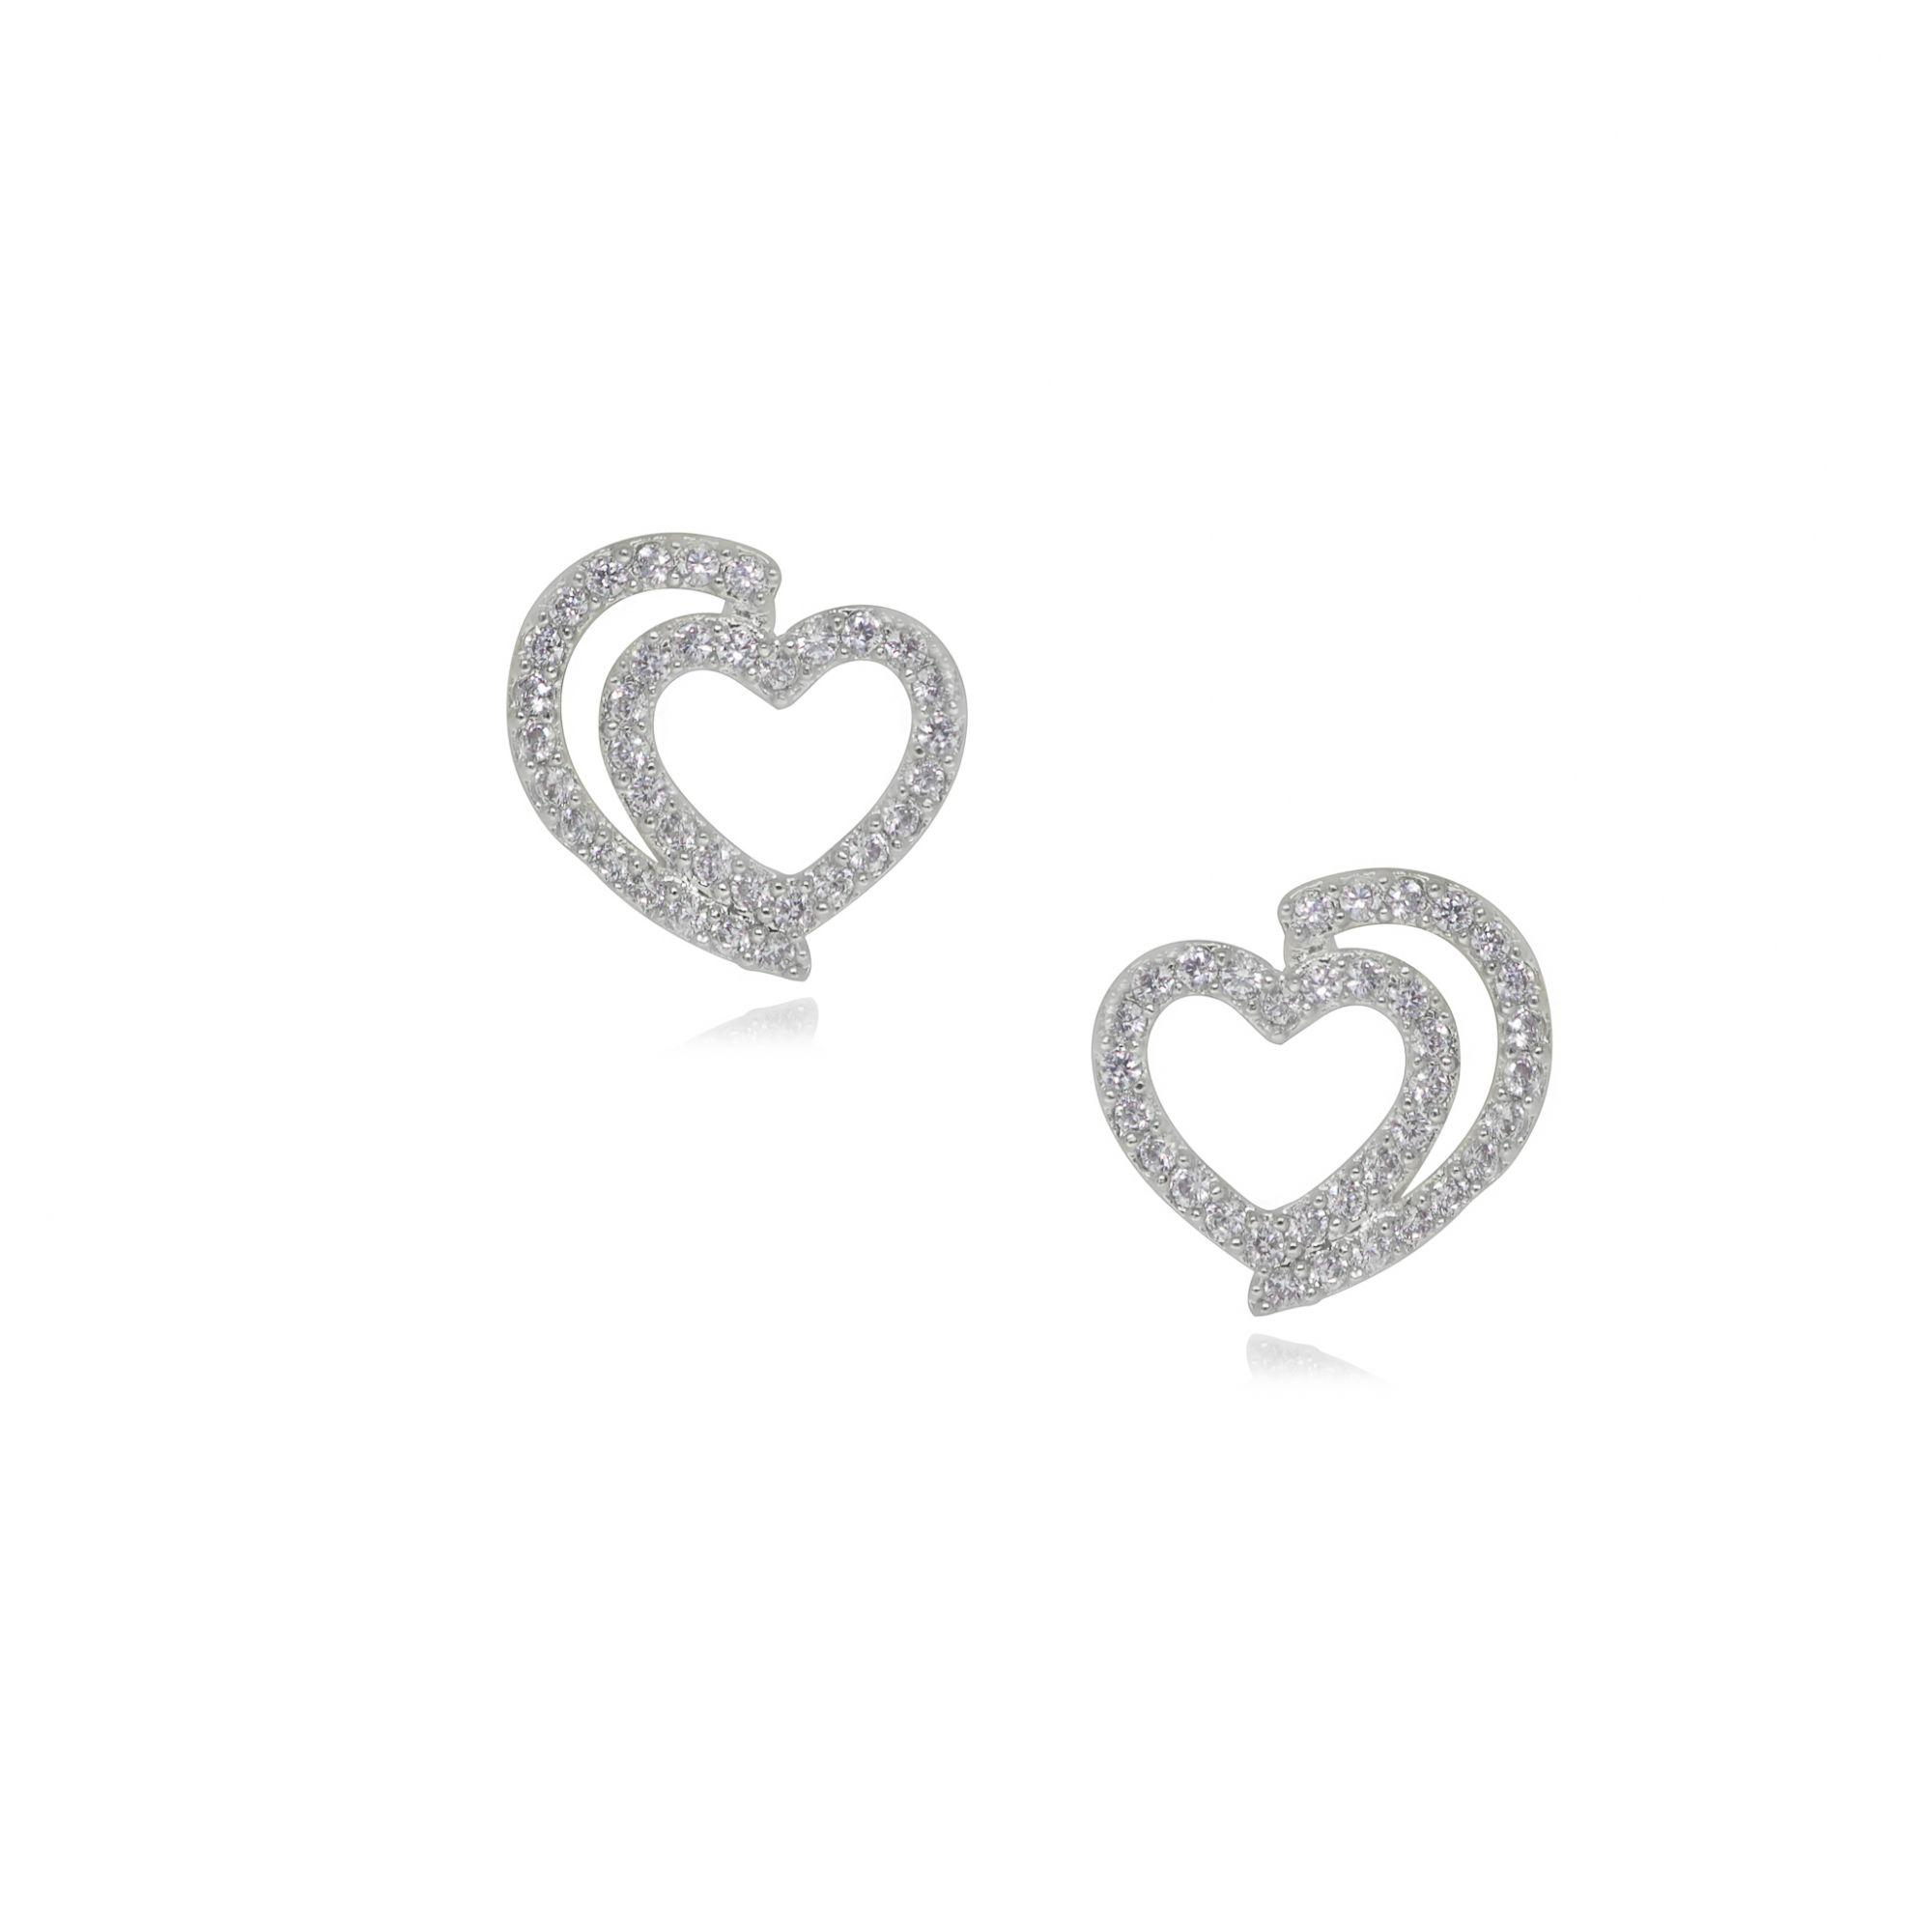 Brinco semijoia em zirconia folheado Coração duplo